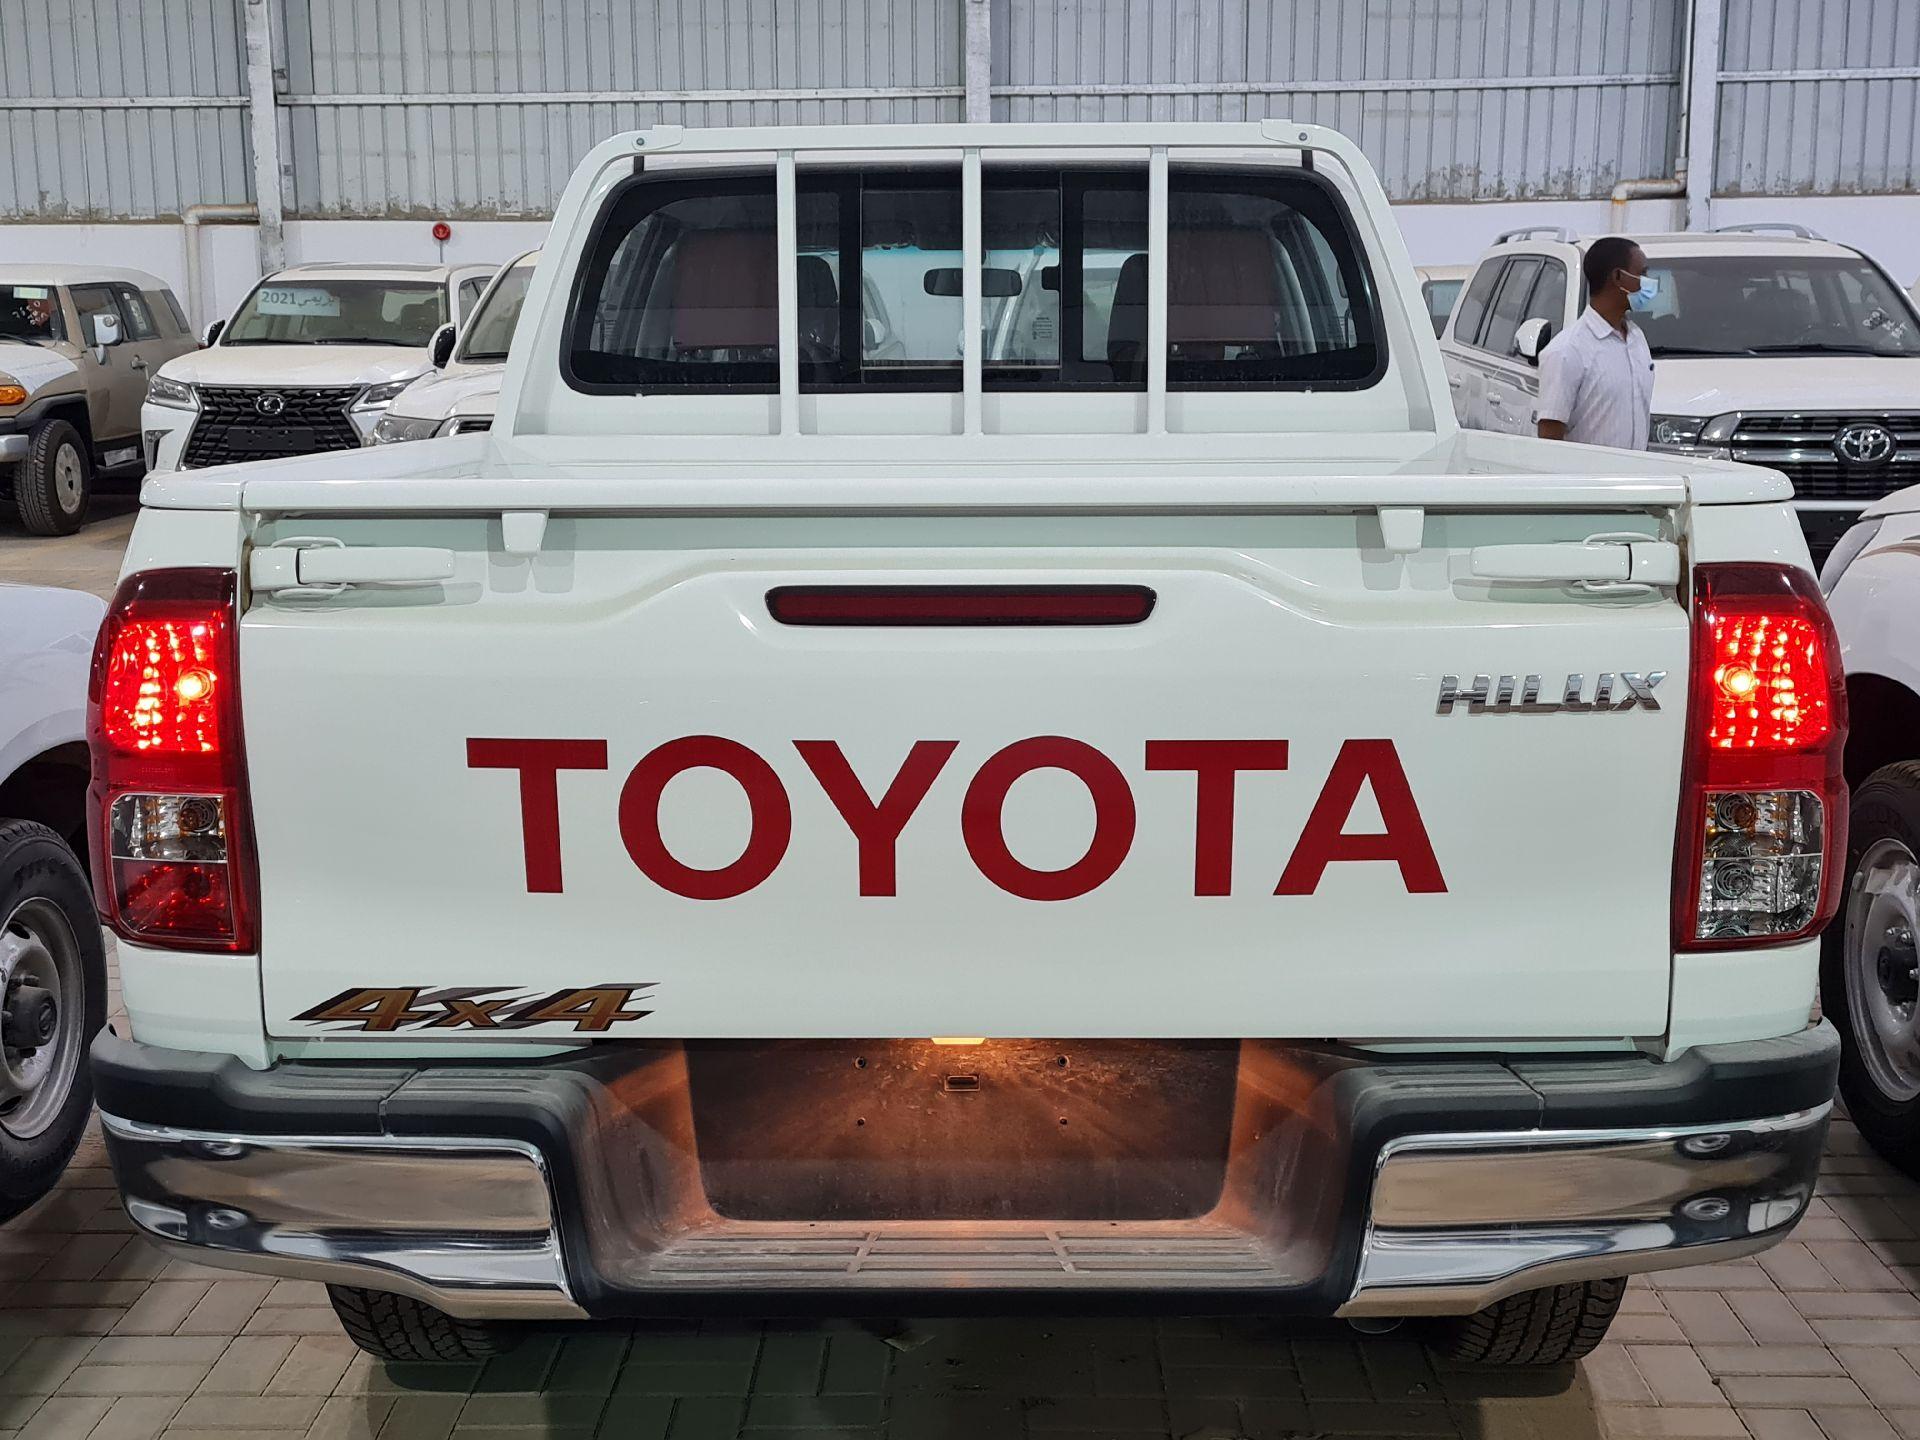 تويوتا هايلكس GLX  نص فل 2021 ديزل خليجي جديد للبيع في الرياض - السعودية - صورة كبيرة - 5